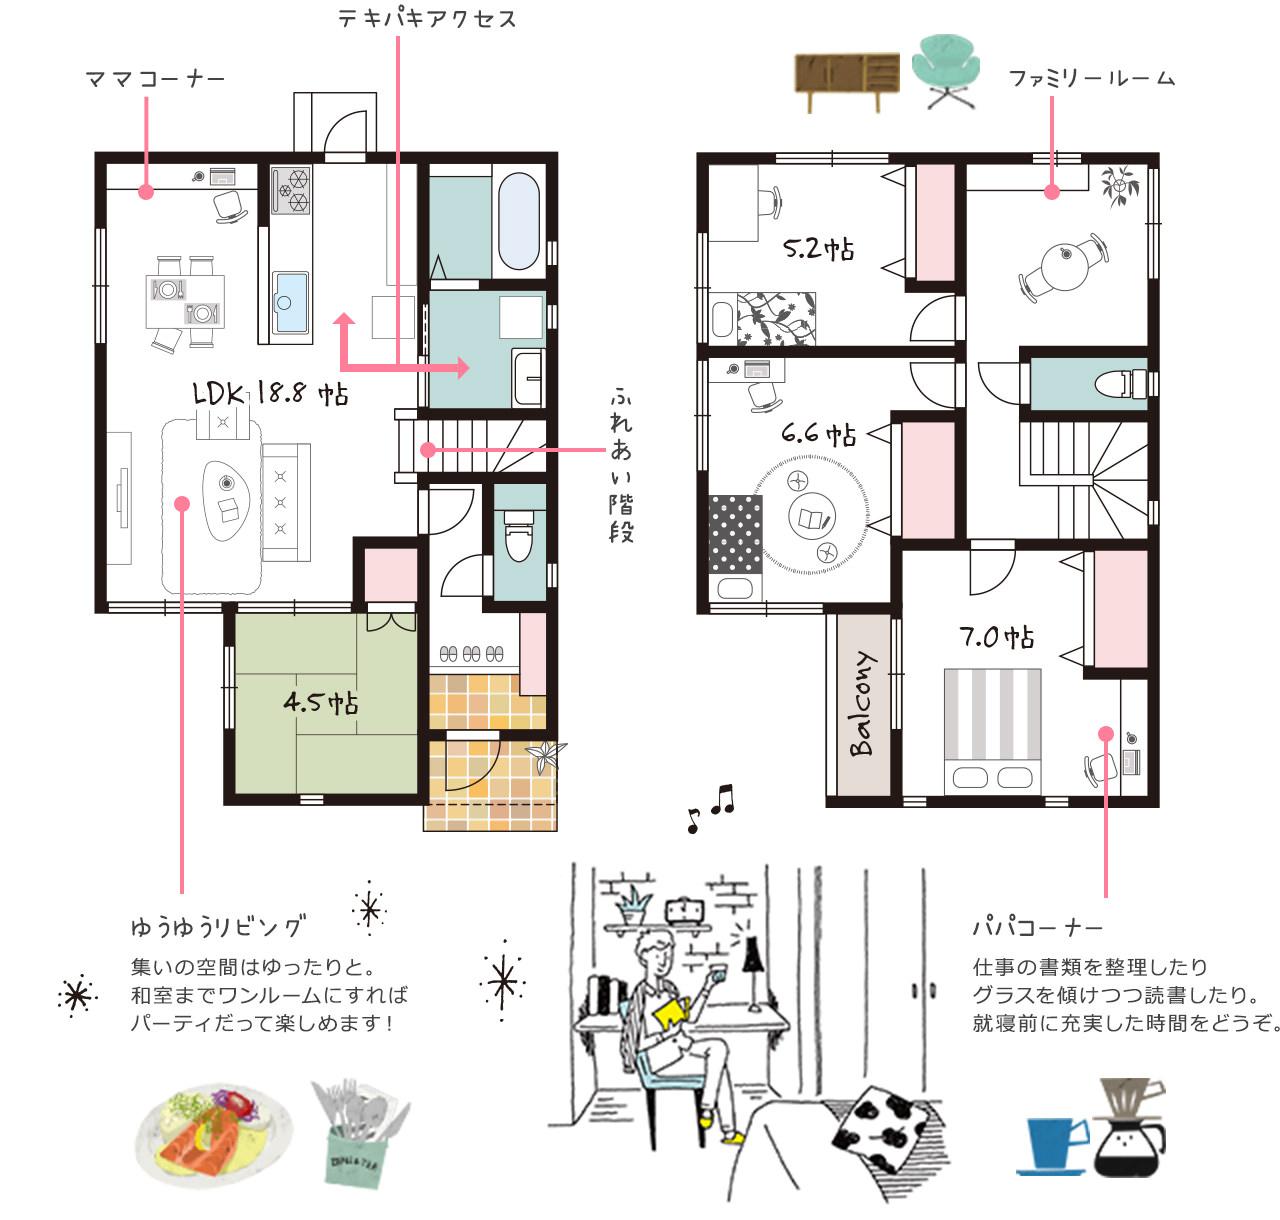 新企画型住宅「YAMATO casa STYLE」 Style04参考間取り図